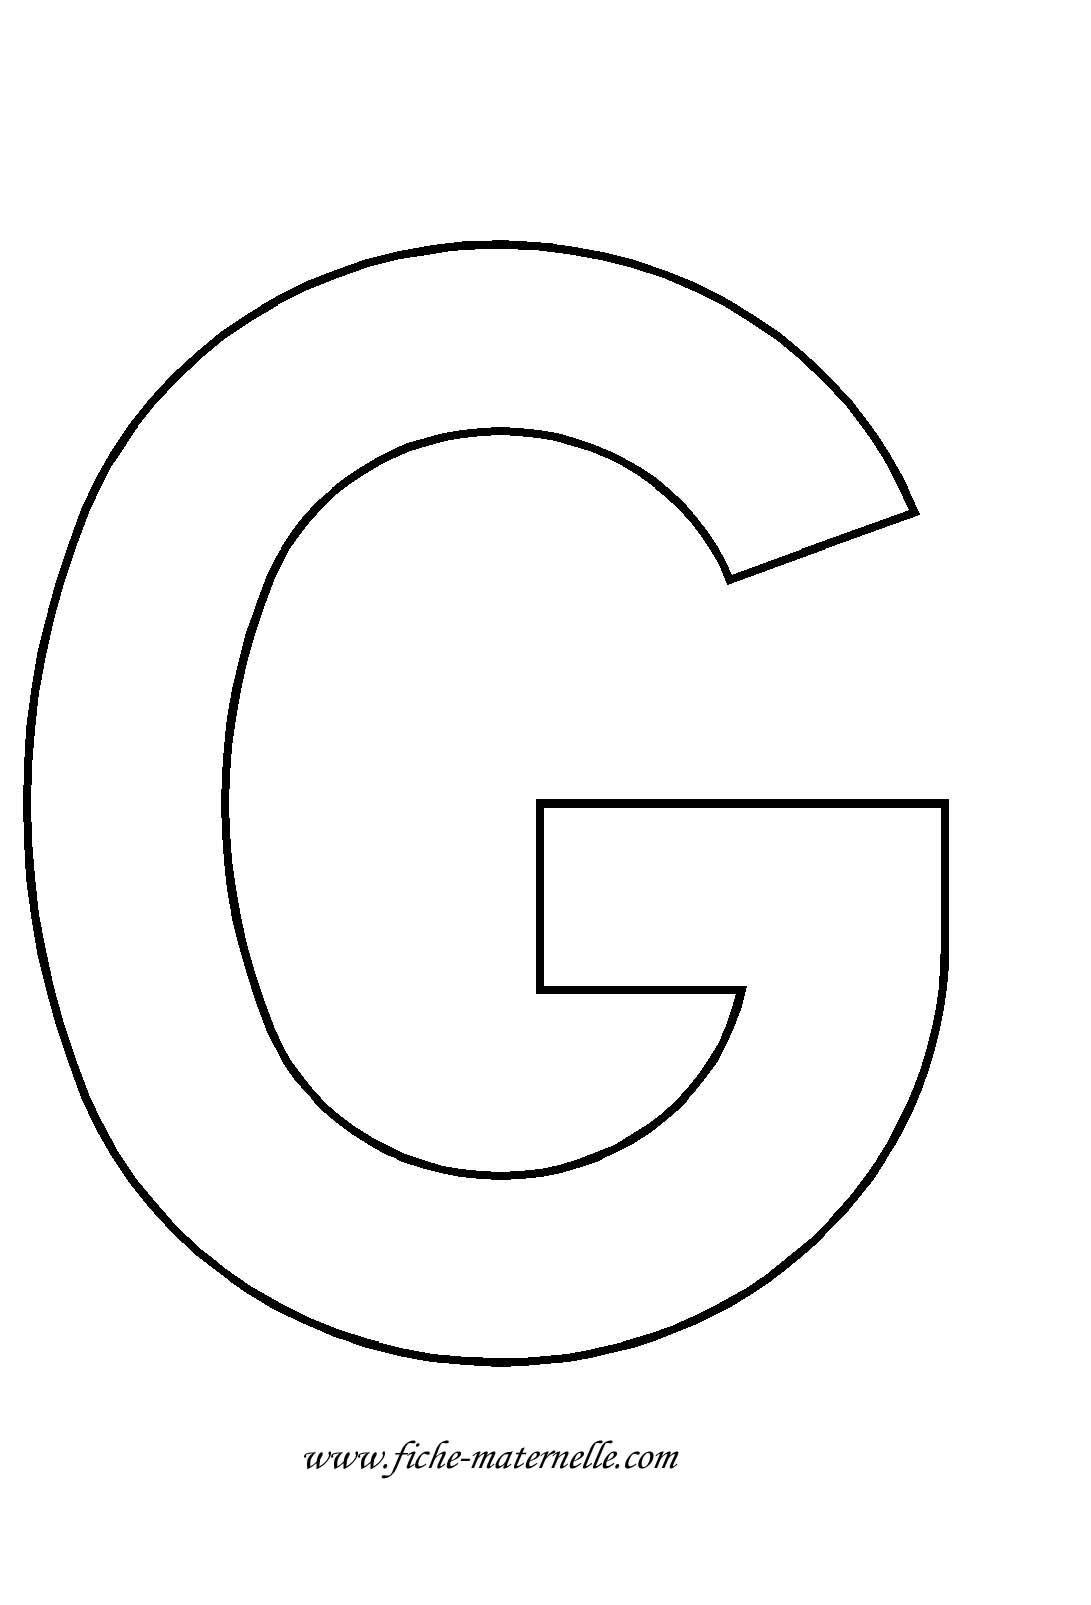 Lettre de l 39 alphabet d corer letras pinterest alphabet lettres et lettre capitale - Lettre de l alphabet en majuscule a imprimer ...